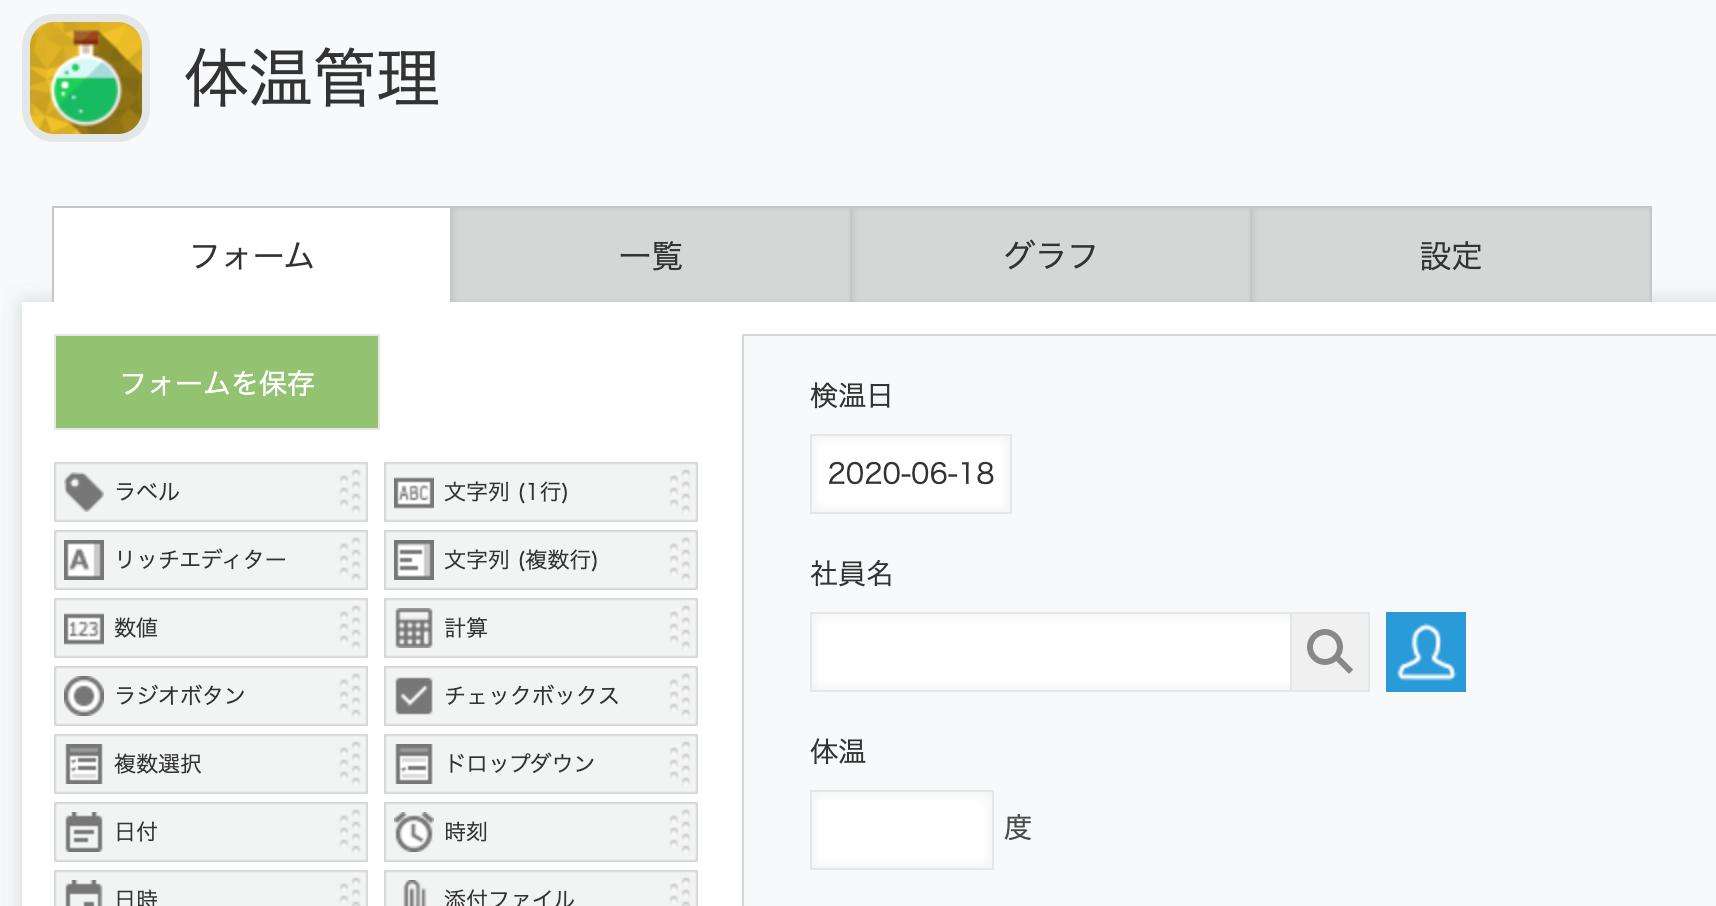 kintoneアプリ管理画面